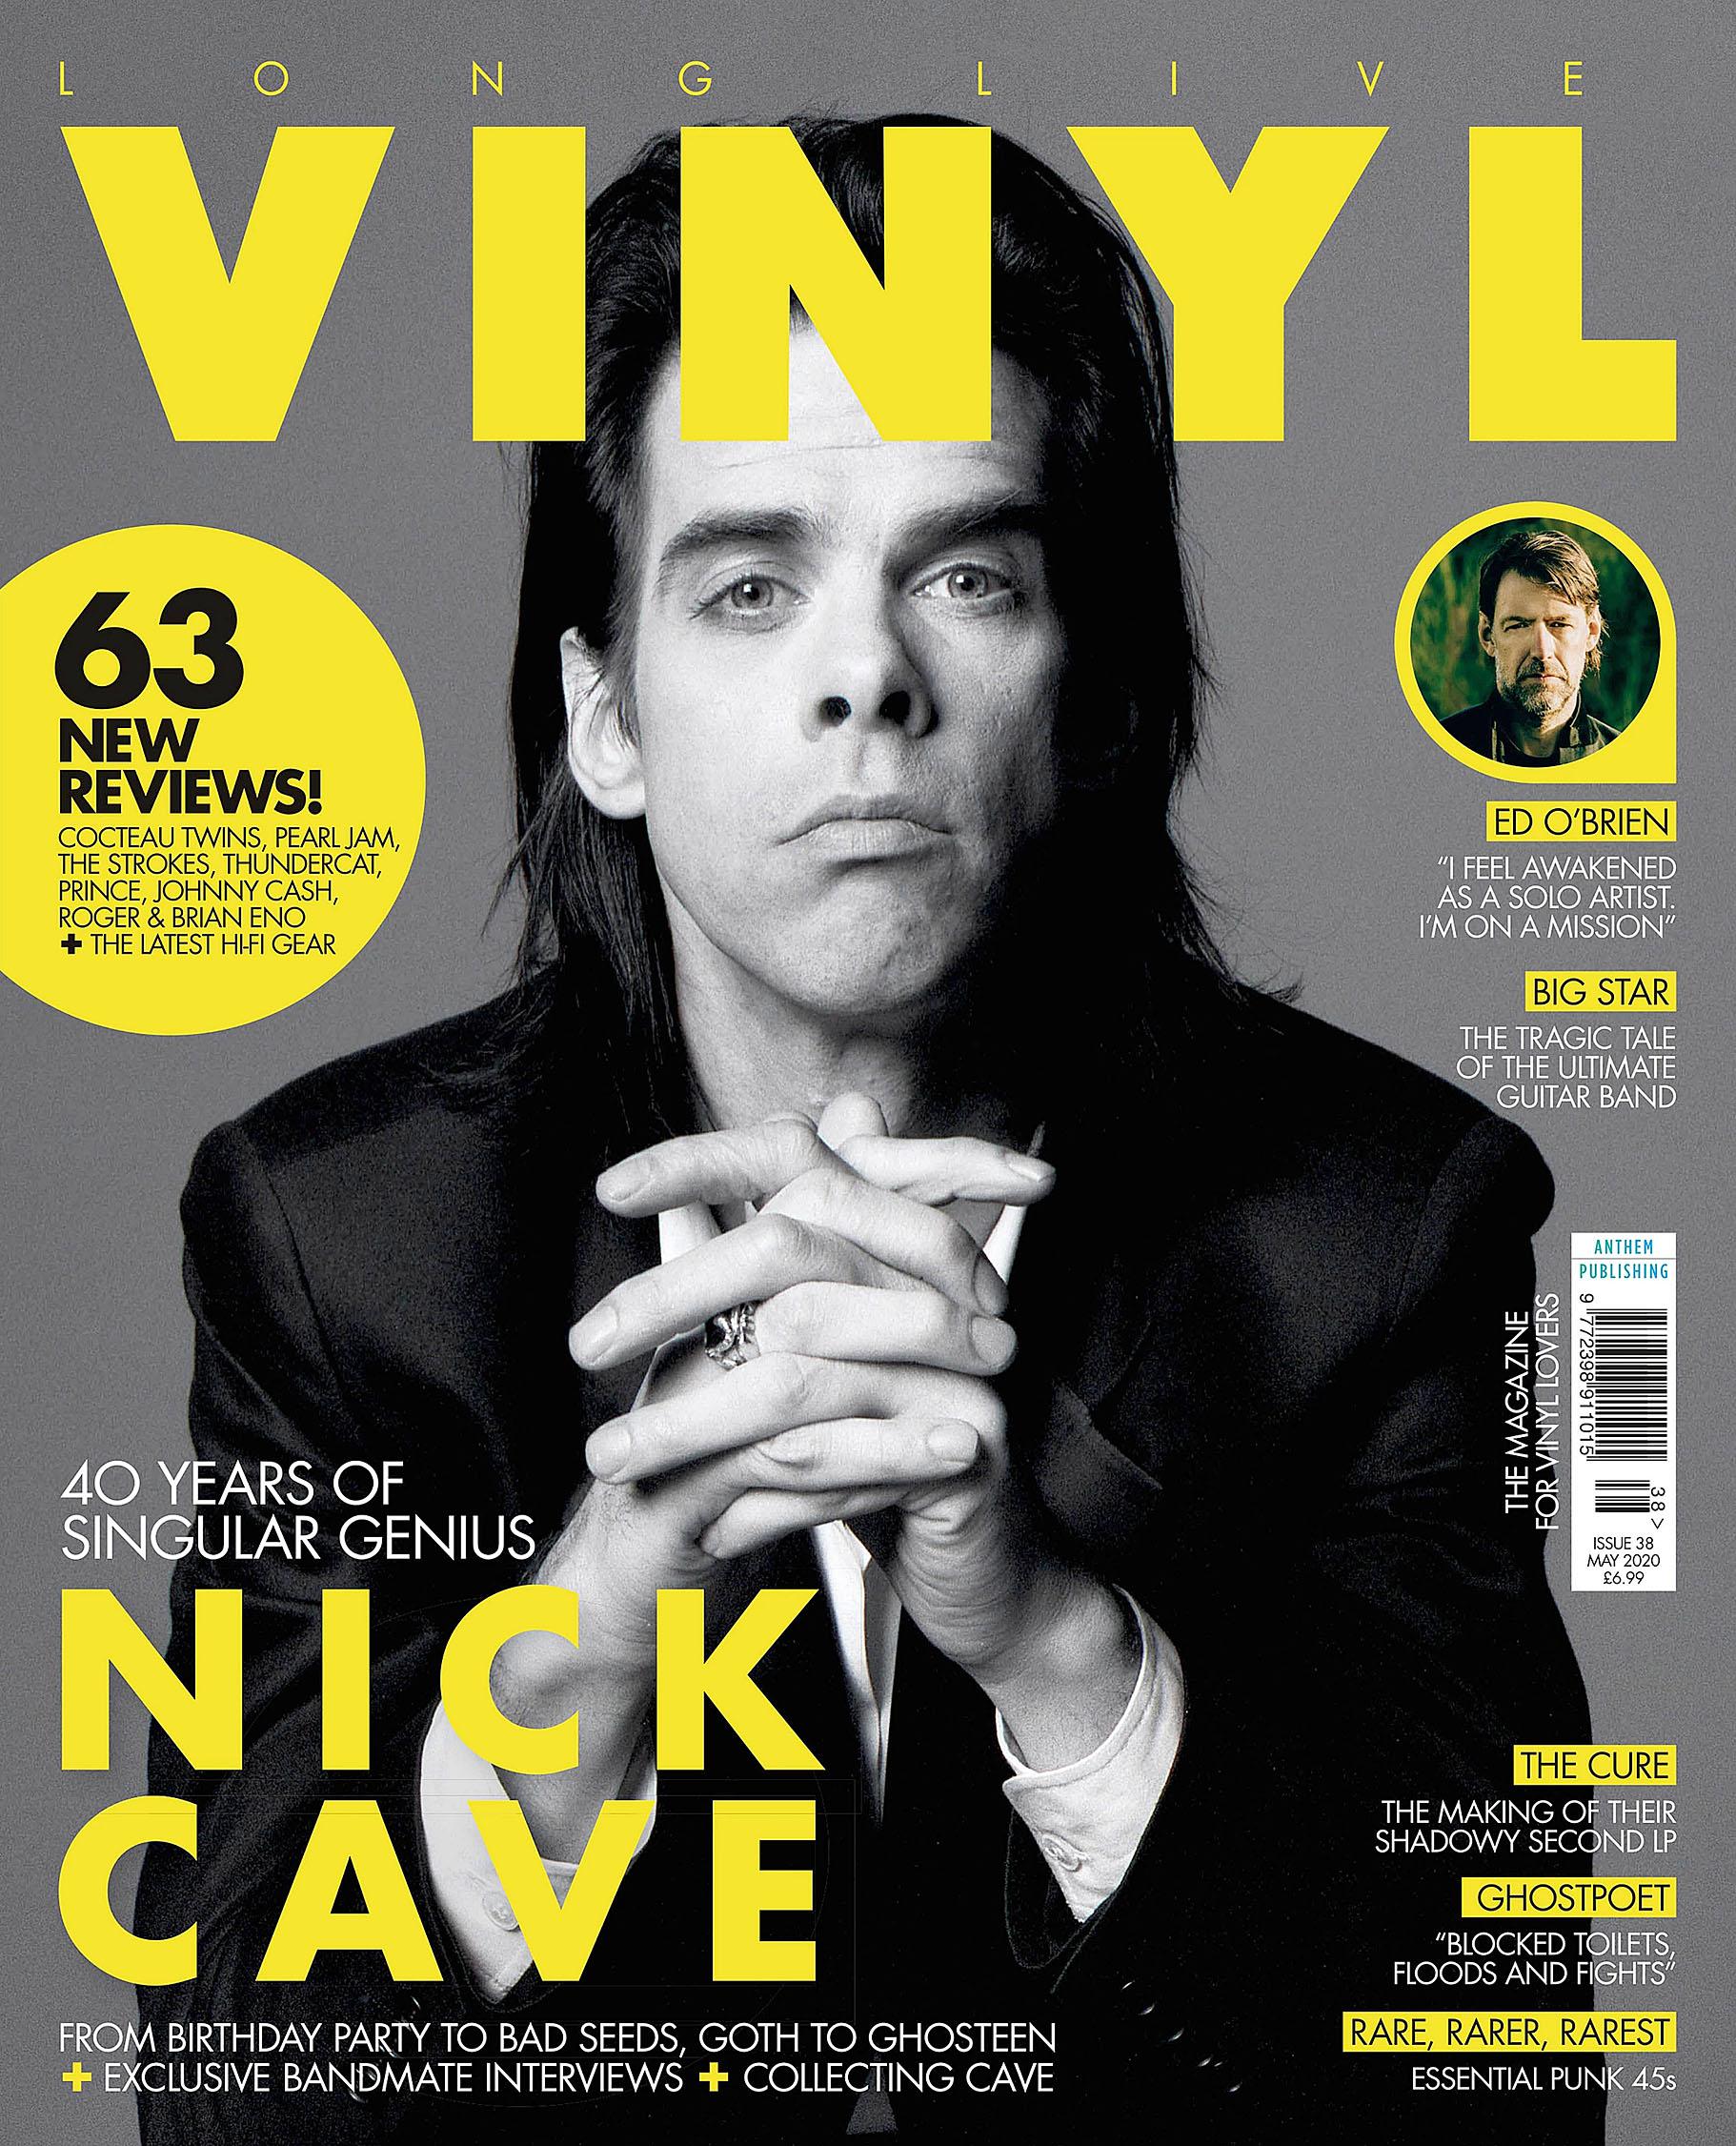 Long Live Vinyl 2020-05 NCave 01.jpg